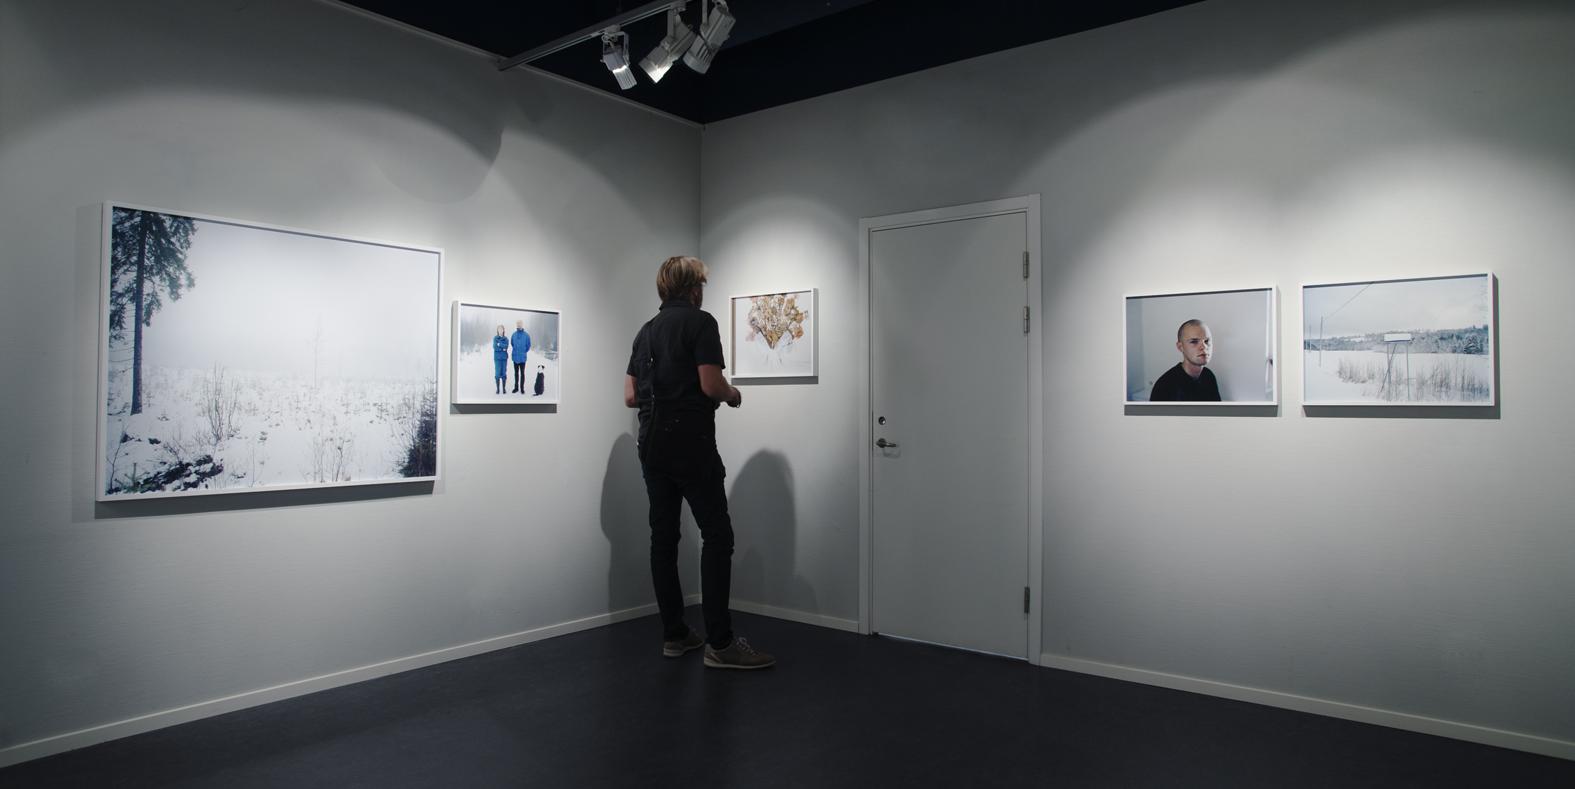 Landskrona fotofestival 2013